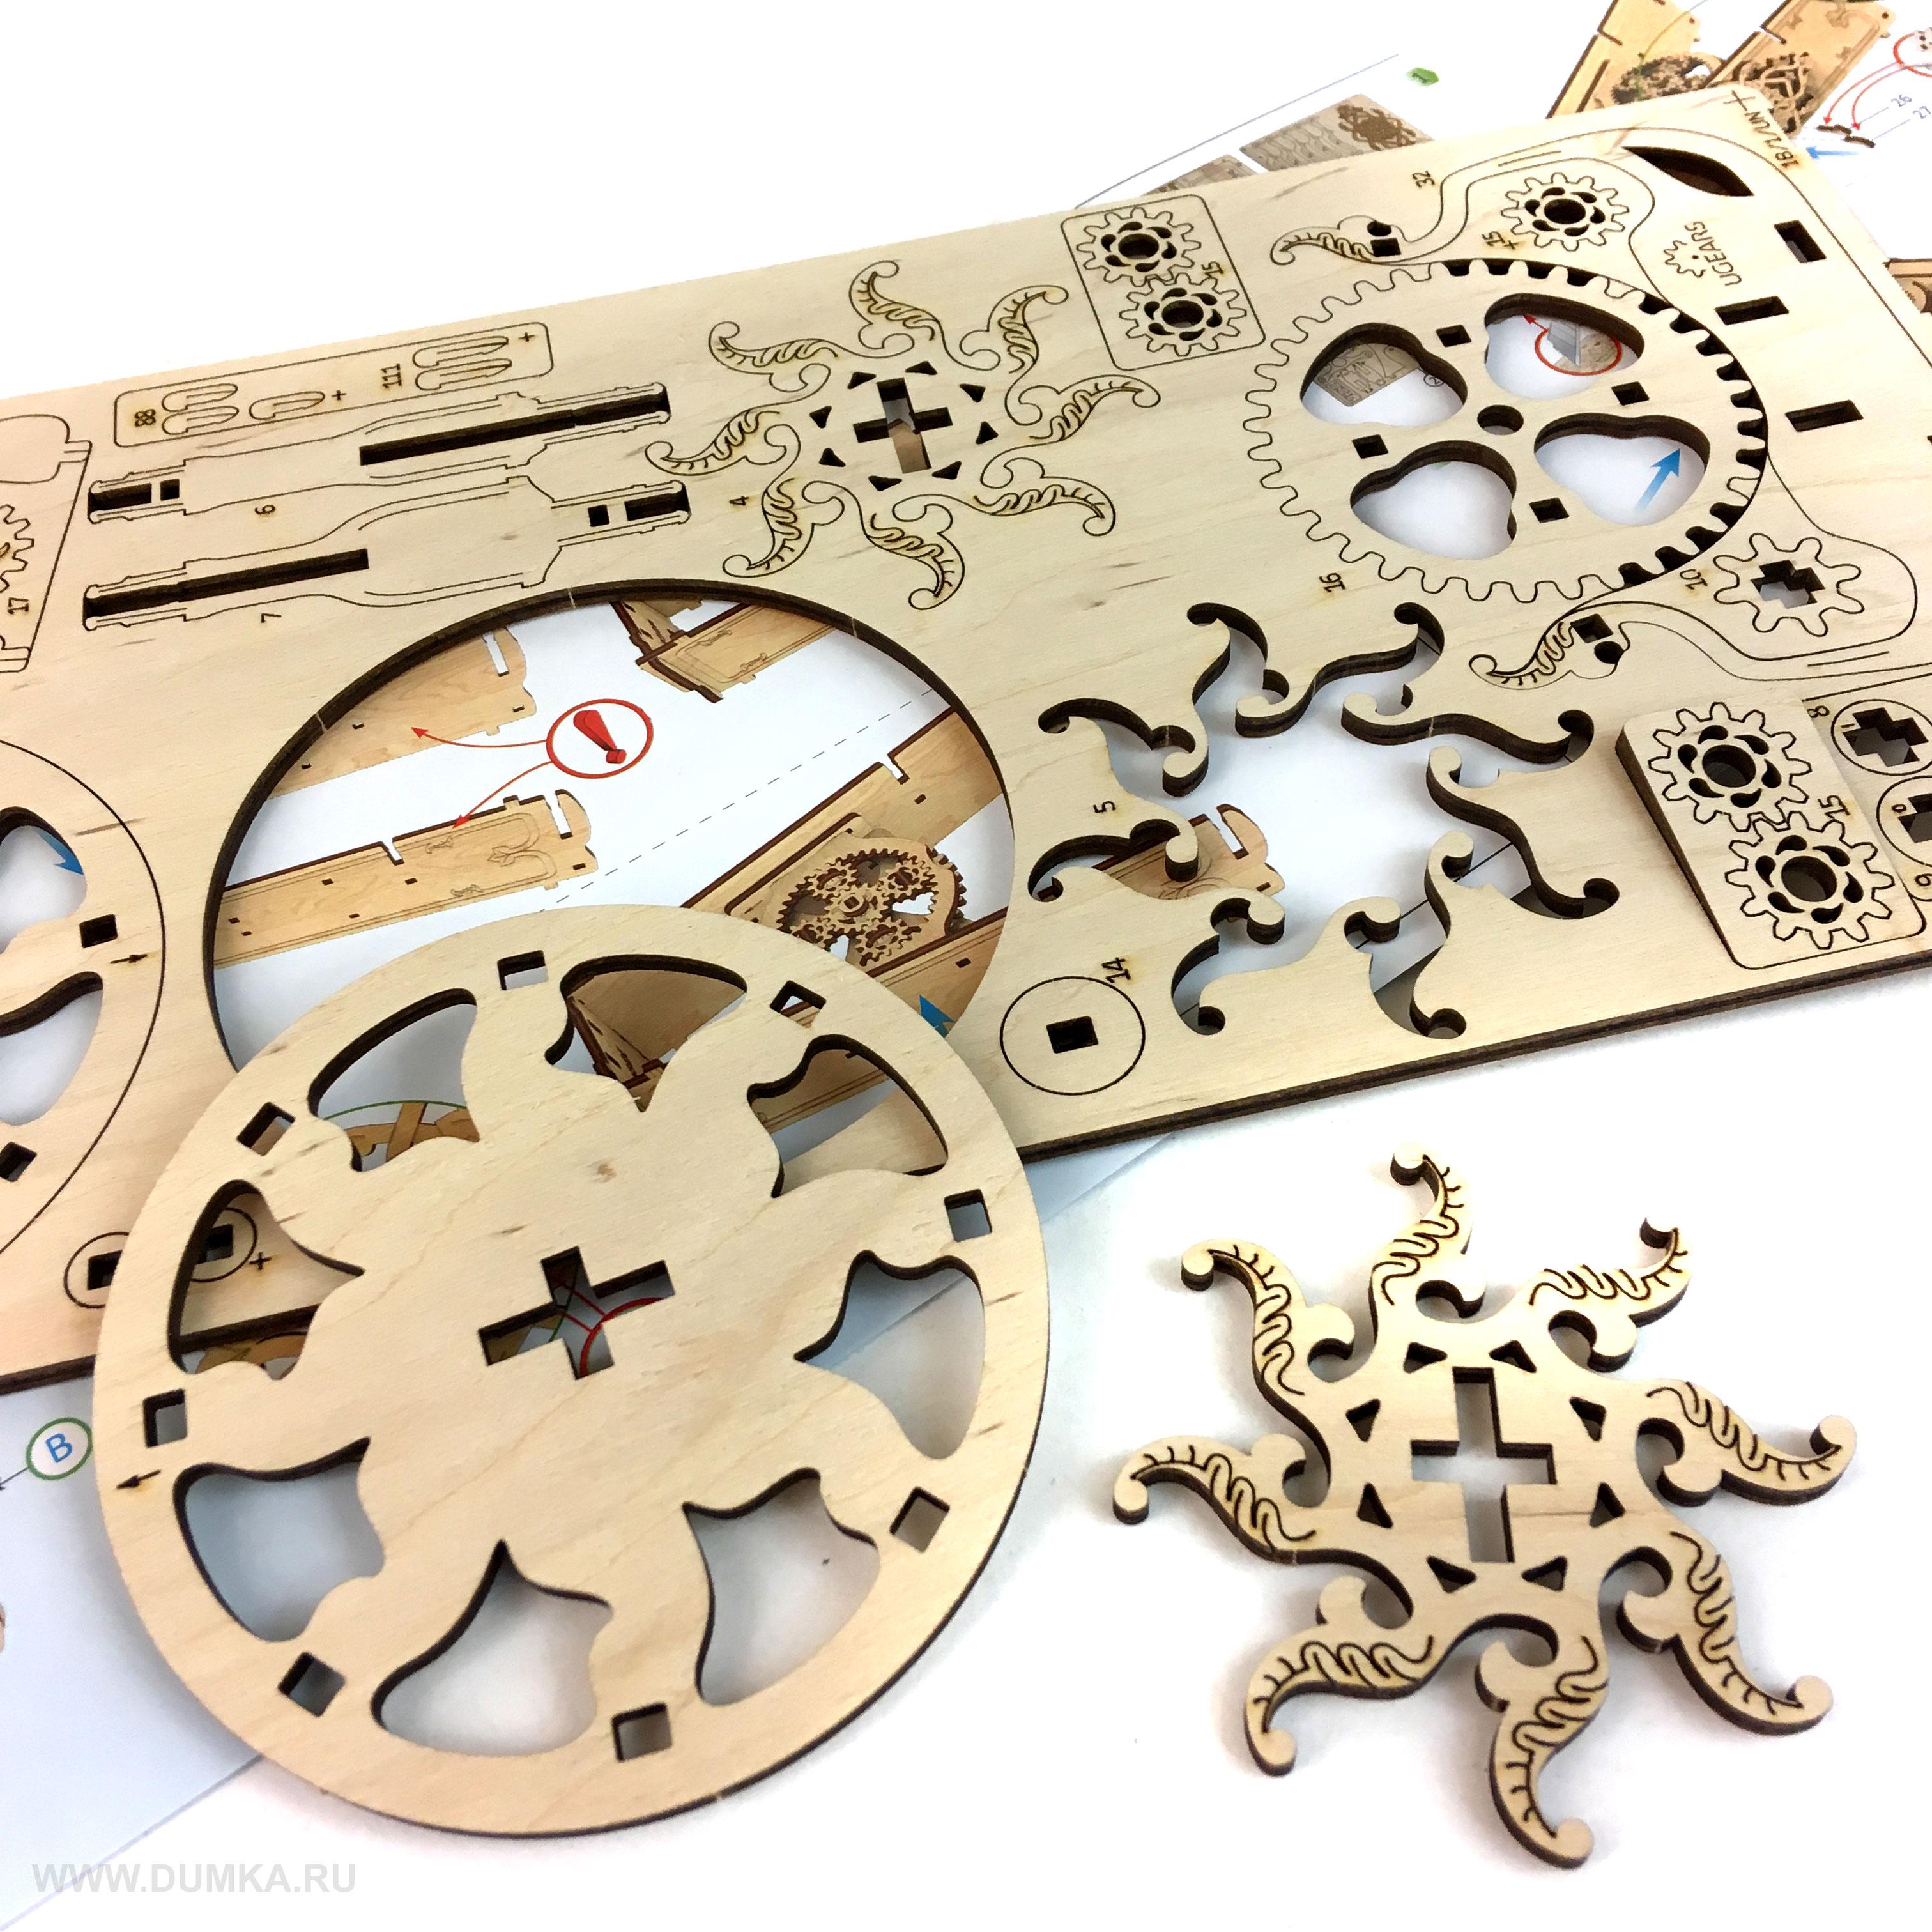 Чтобы открыть шкатулку, потребуется ключ. Сам ключ можно хранить встроенным в крышку корпуса. При от